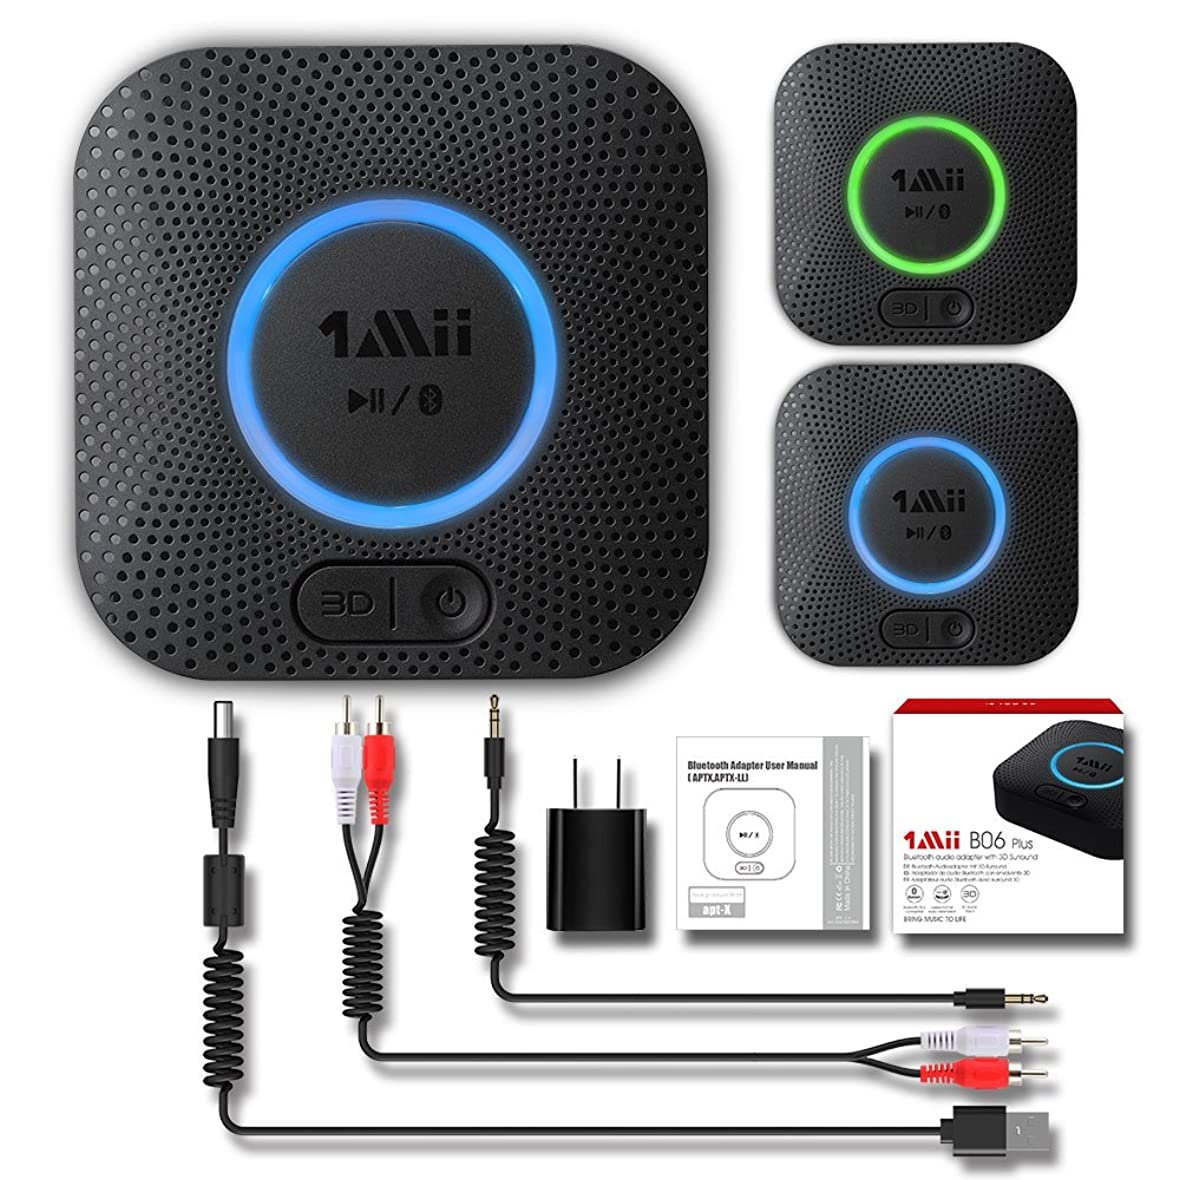 ピンベーシックキリスト教1Mii B06 Plus Bluetooth Receiver, HIFI Wireless Audio Adapter, Bluetooth 4.2 Receiver with 3D Surround aptX Low Latency for Home Music Streaming Stereo System (Upgraded With Power Adapter) 141[並行輸入]